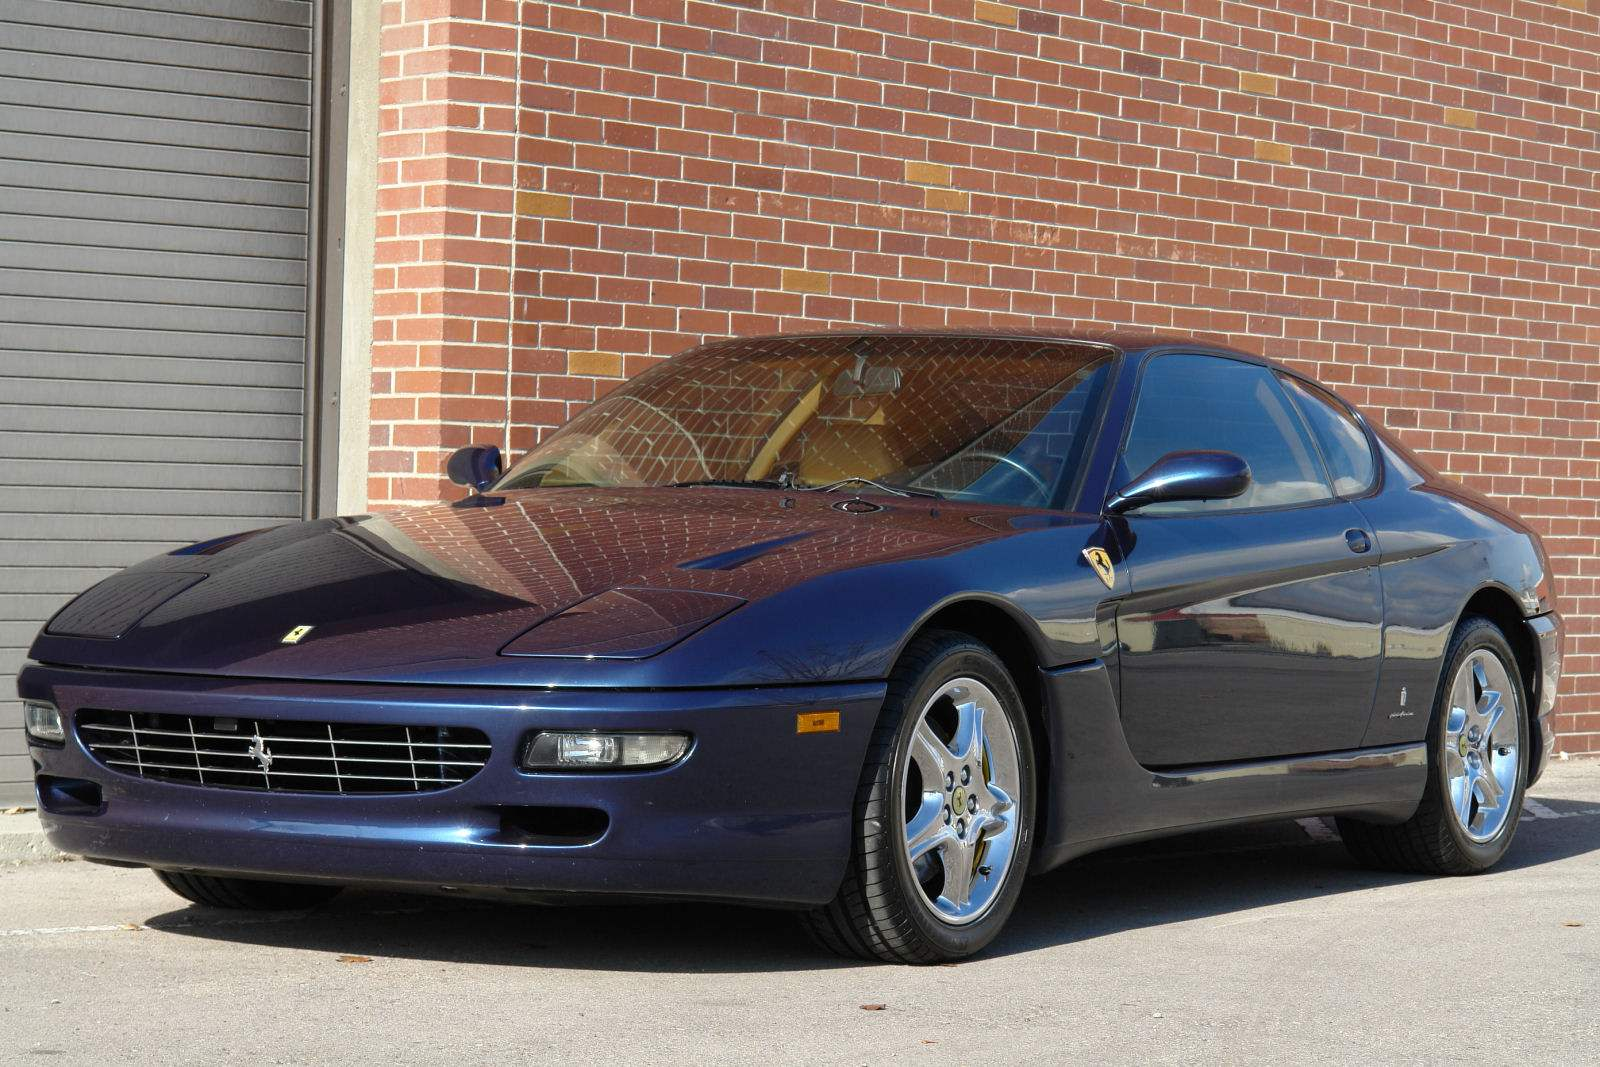 FERRARI 456GT выпуска 1992 года — любимое транспортное средство представителей королевских семей Европы